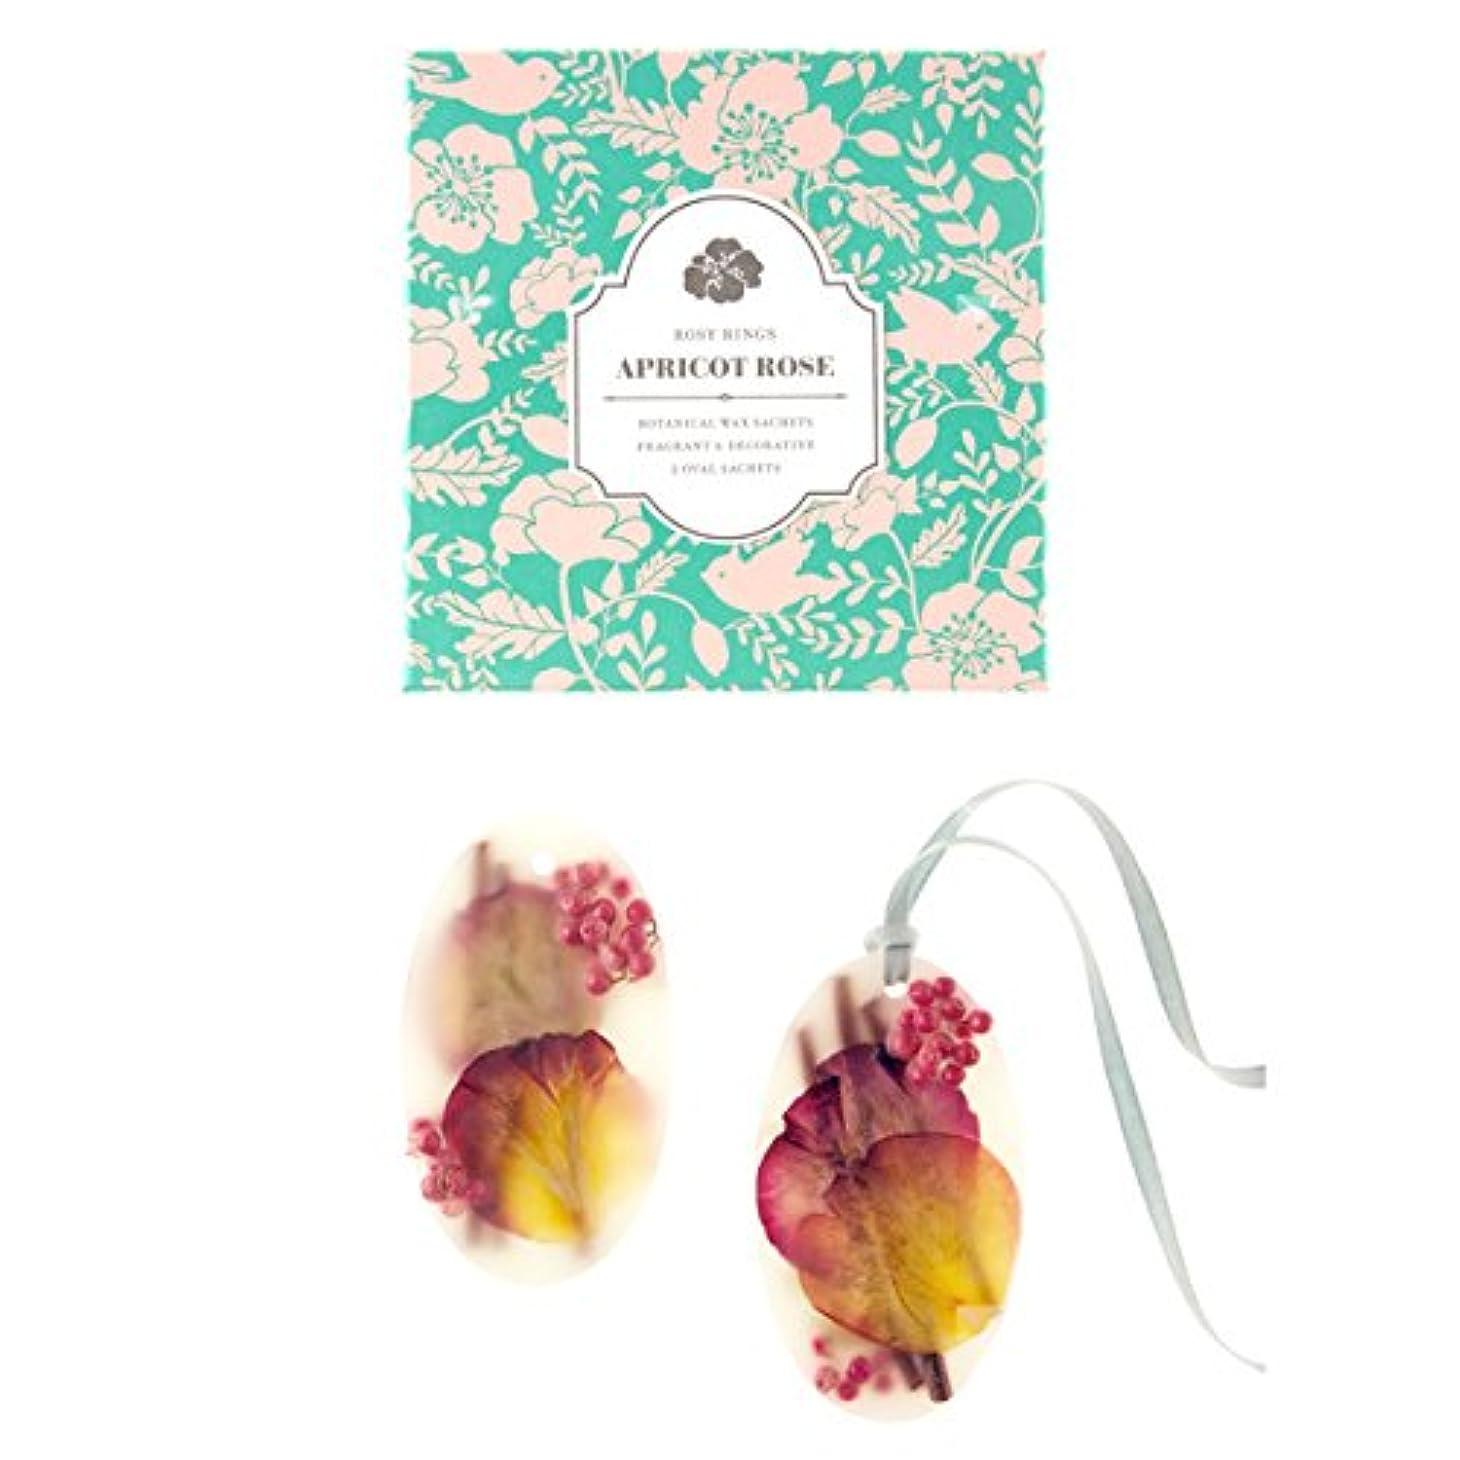 崩壊誠意失望ロージーリングス ボタニカルワックスサシェ オーバル アプリコット&ローズ ROSY RINGS Signature Collection Botanical Wax Sachets – Apricot Rose